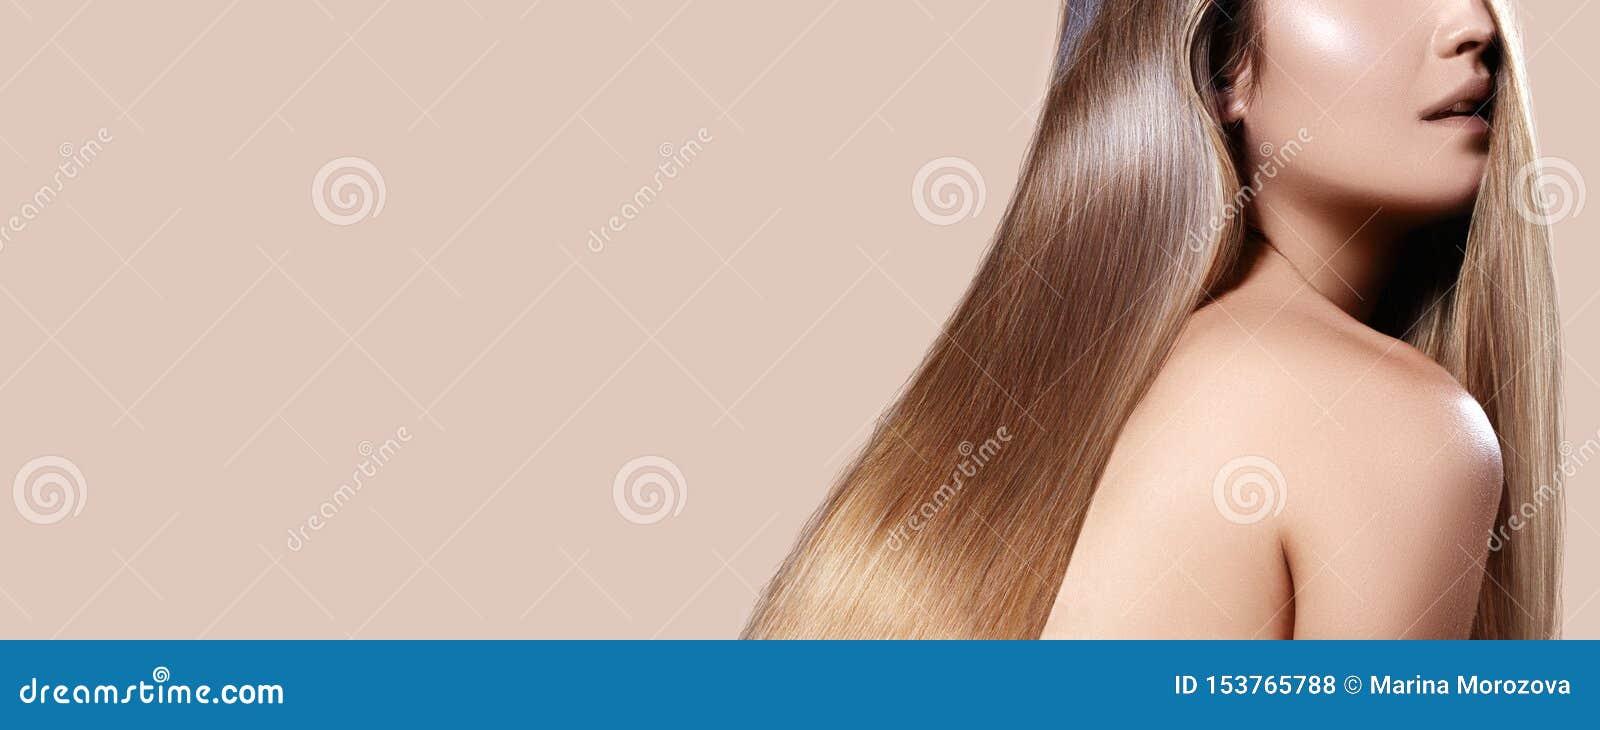 Mujer hermosa con el pelo brillante recto Morenita atractiva con el peinado liso, pelo largo sano hermoso con lustre